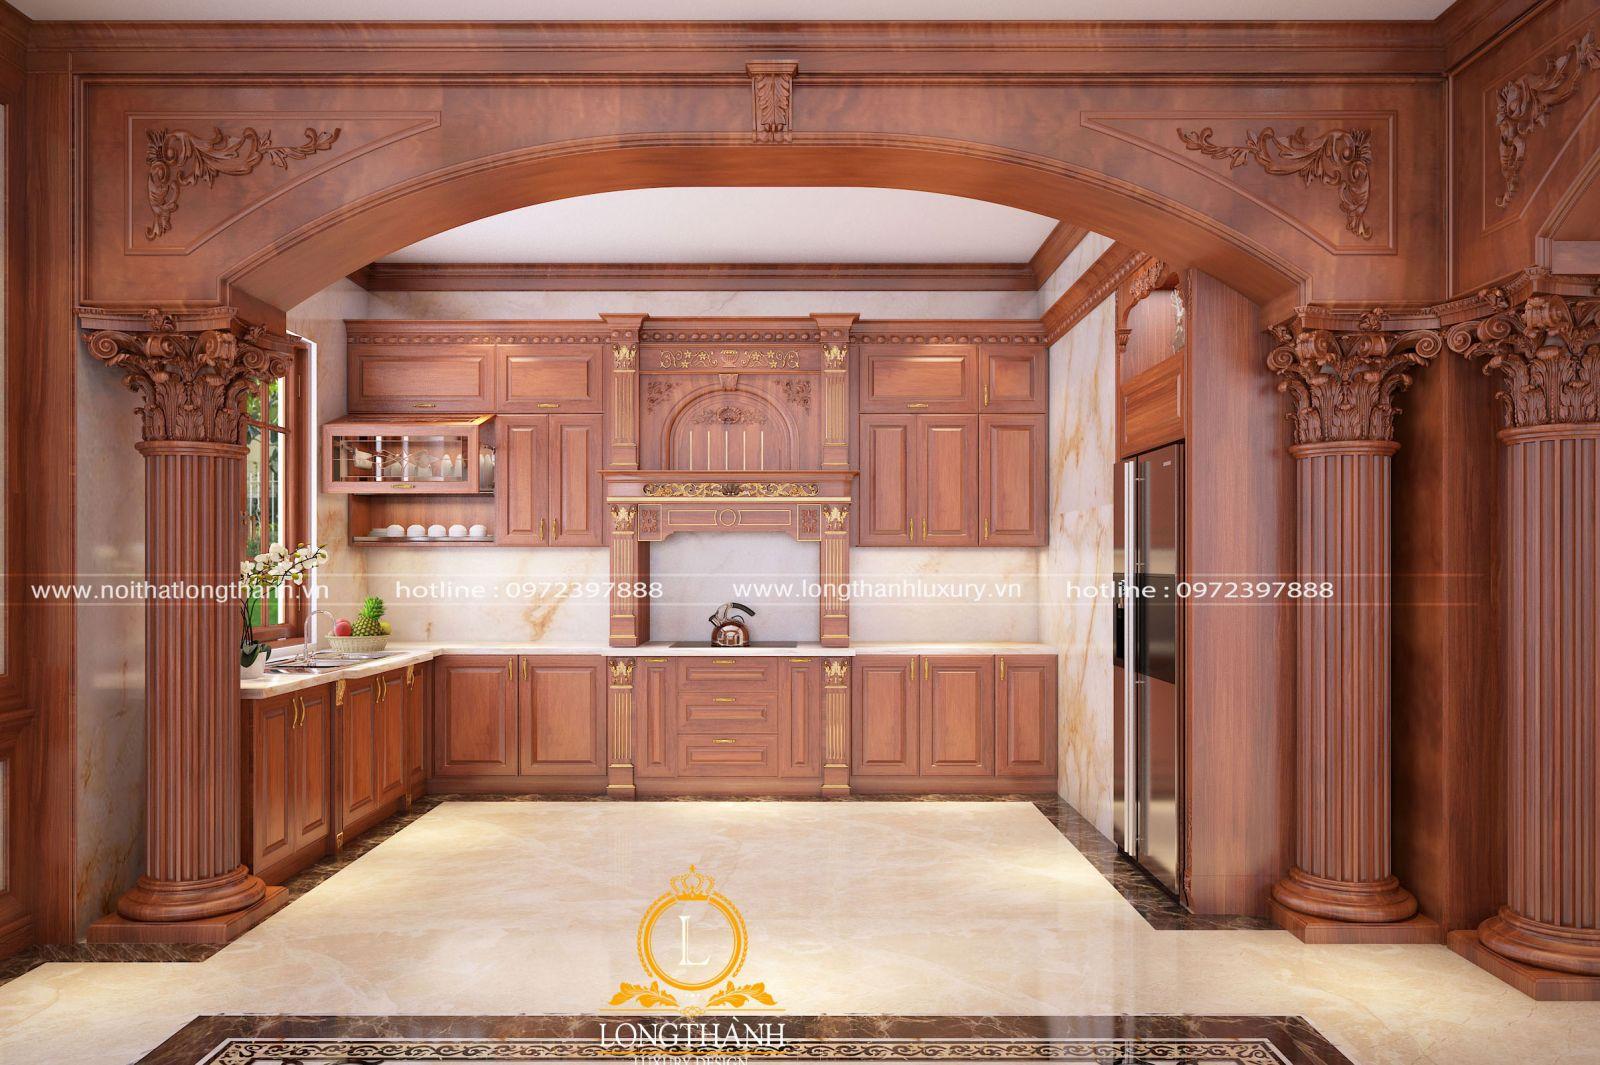 Mẫu thiết kế không gian phòng bếp đầy đủ ánh sáng